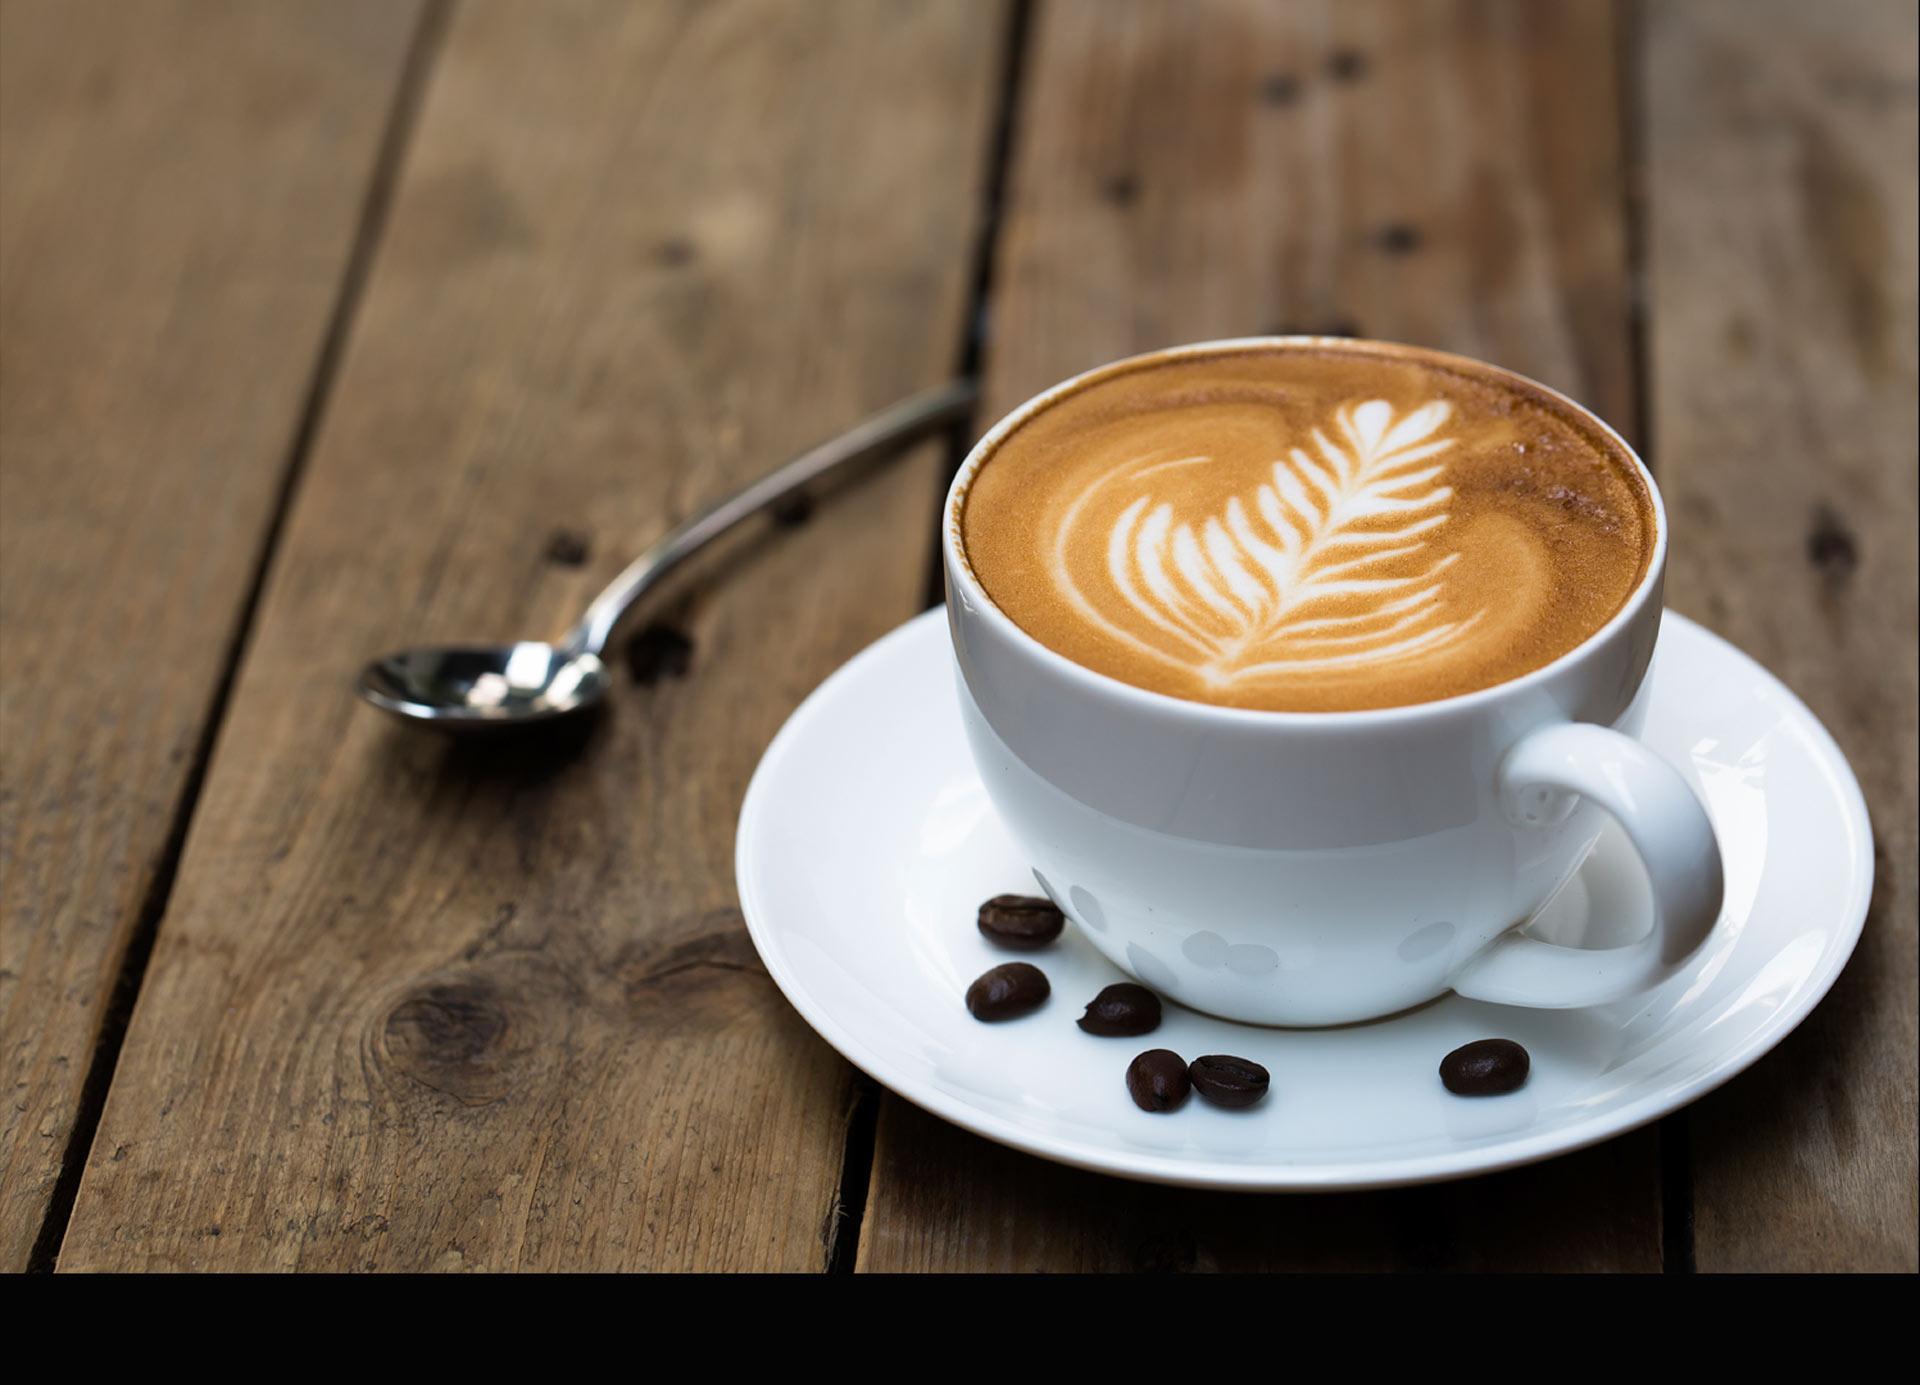 Nescafé y Starbucks lanzaron dos nuevos productos al mercado mexicano para atraer a clientes sofisticados